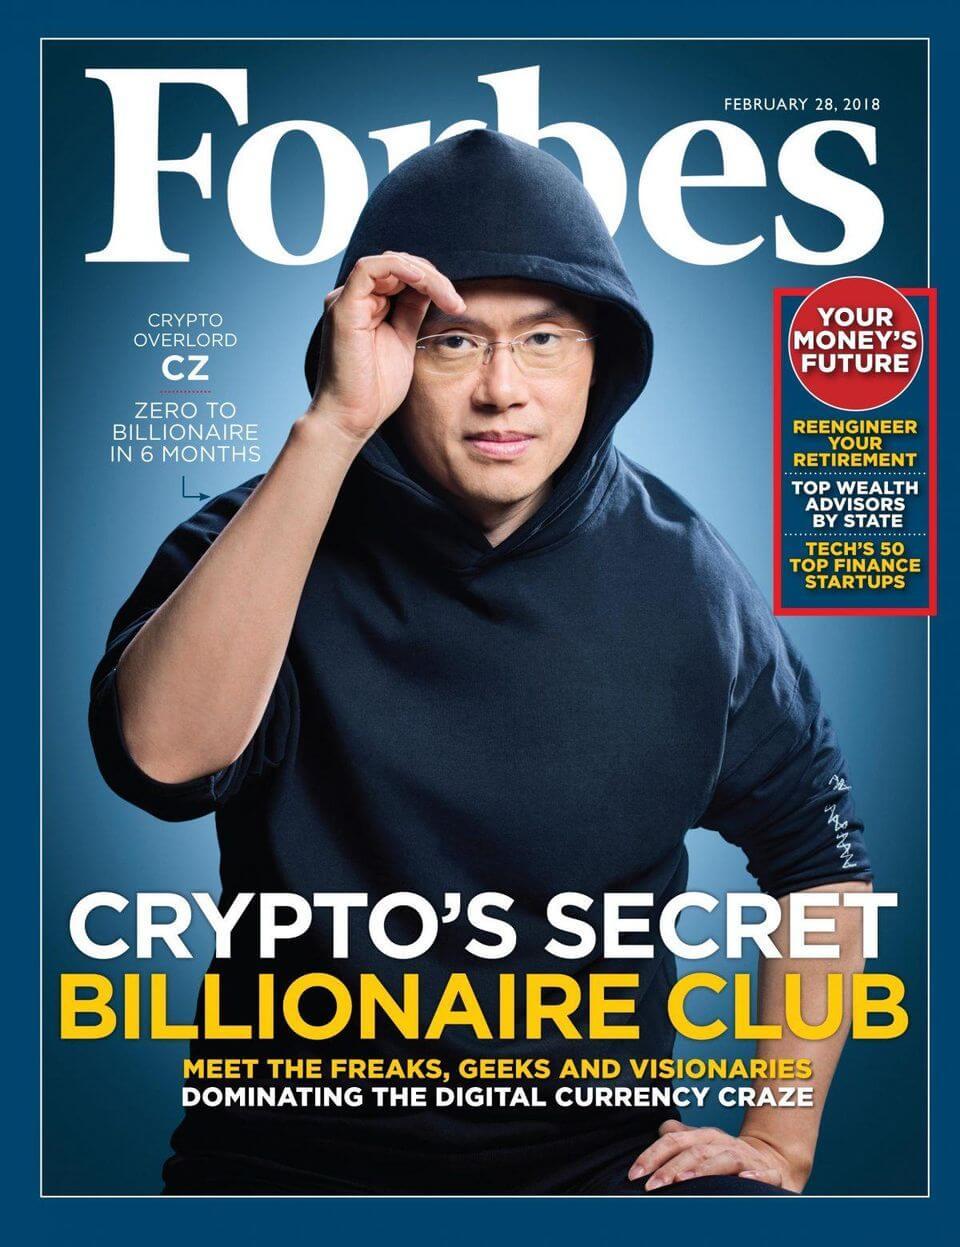 миллиардеры биткоин блокчейн